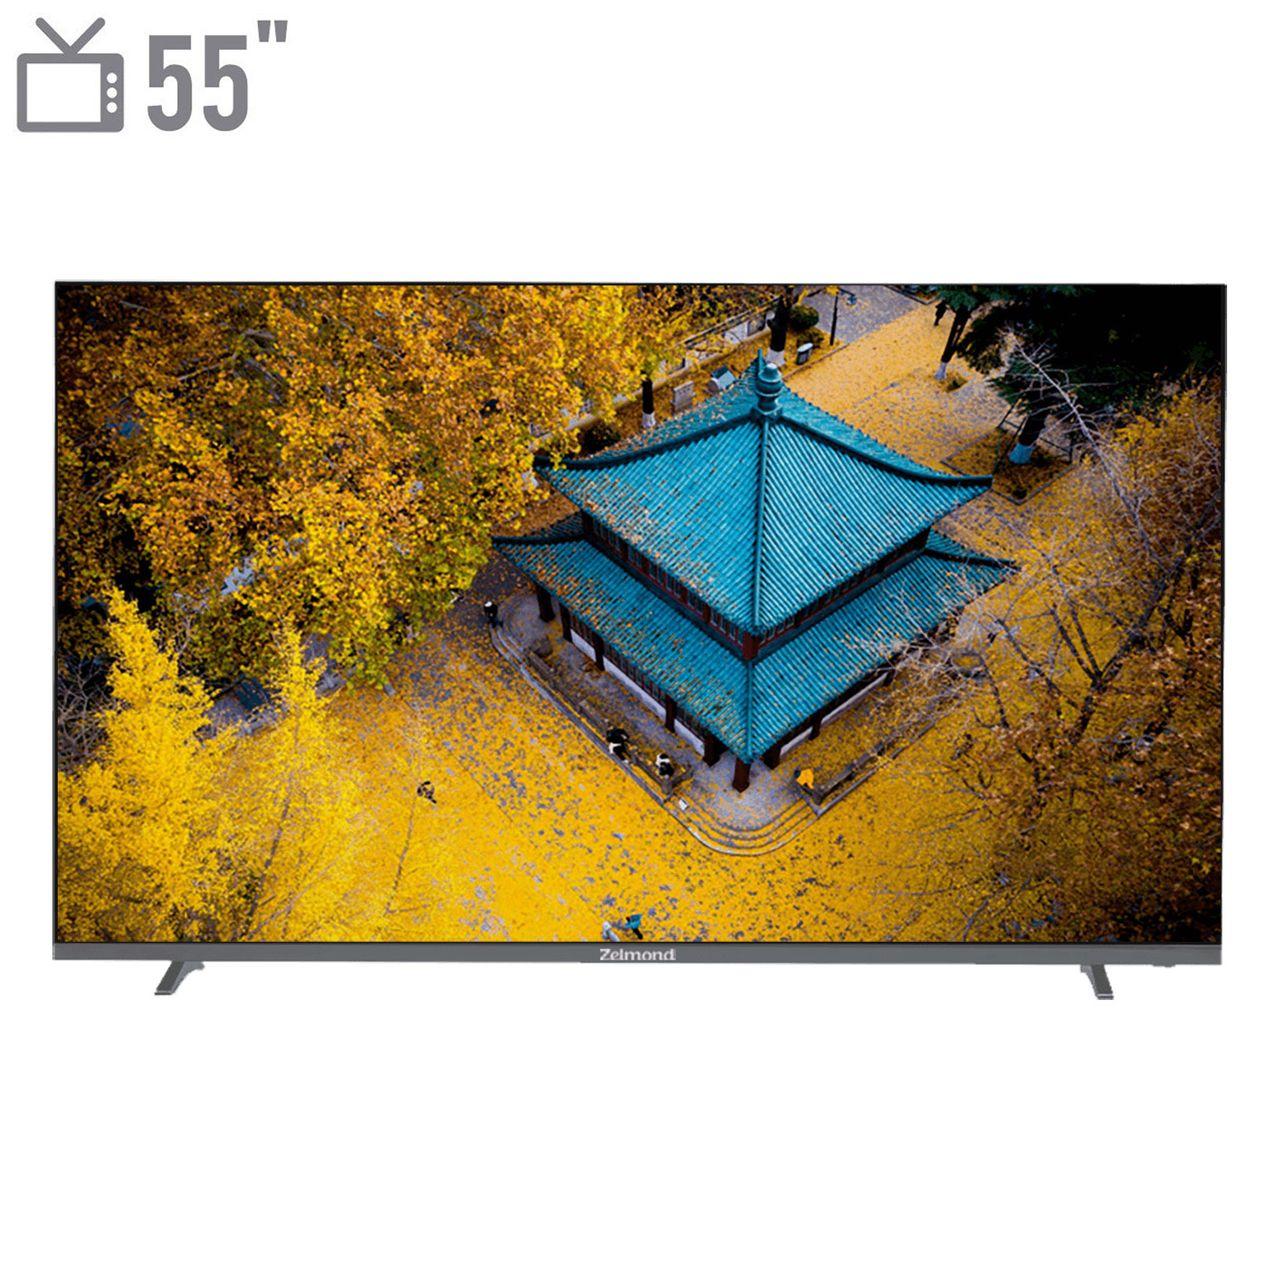 تلویزیون هوشمند ال ای دی زلموند مدل ZL-55SF6263 سایز 55 اینچ